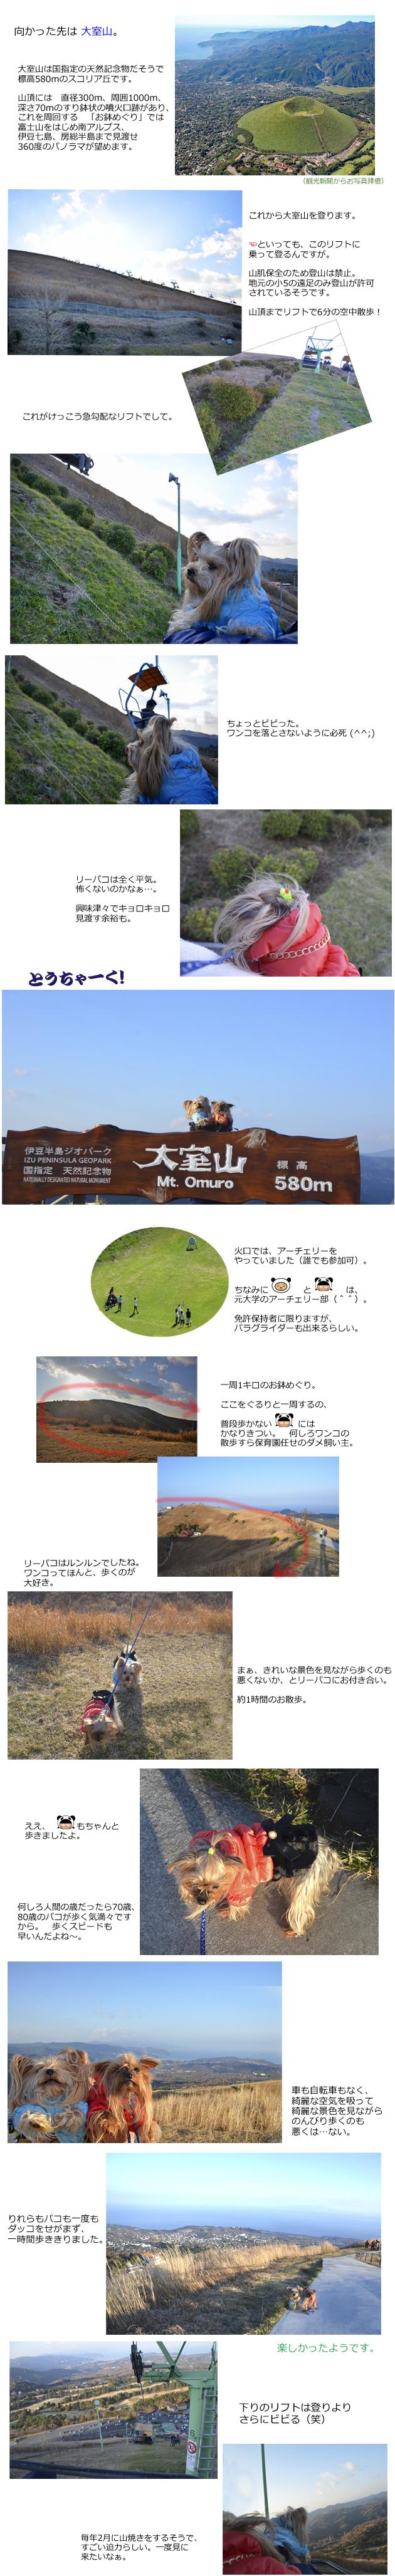 河津七滝(2016-2017)4日め(1月3日)② 大室山 のコピー